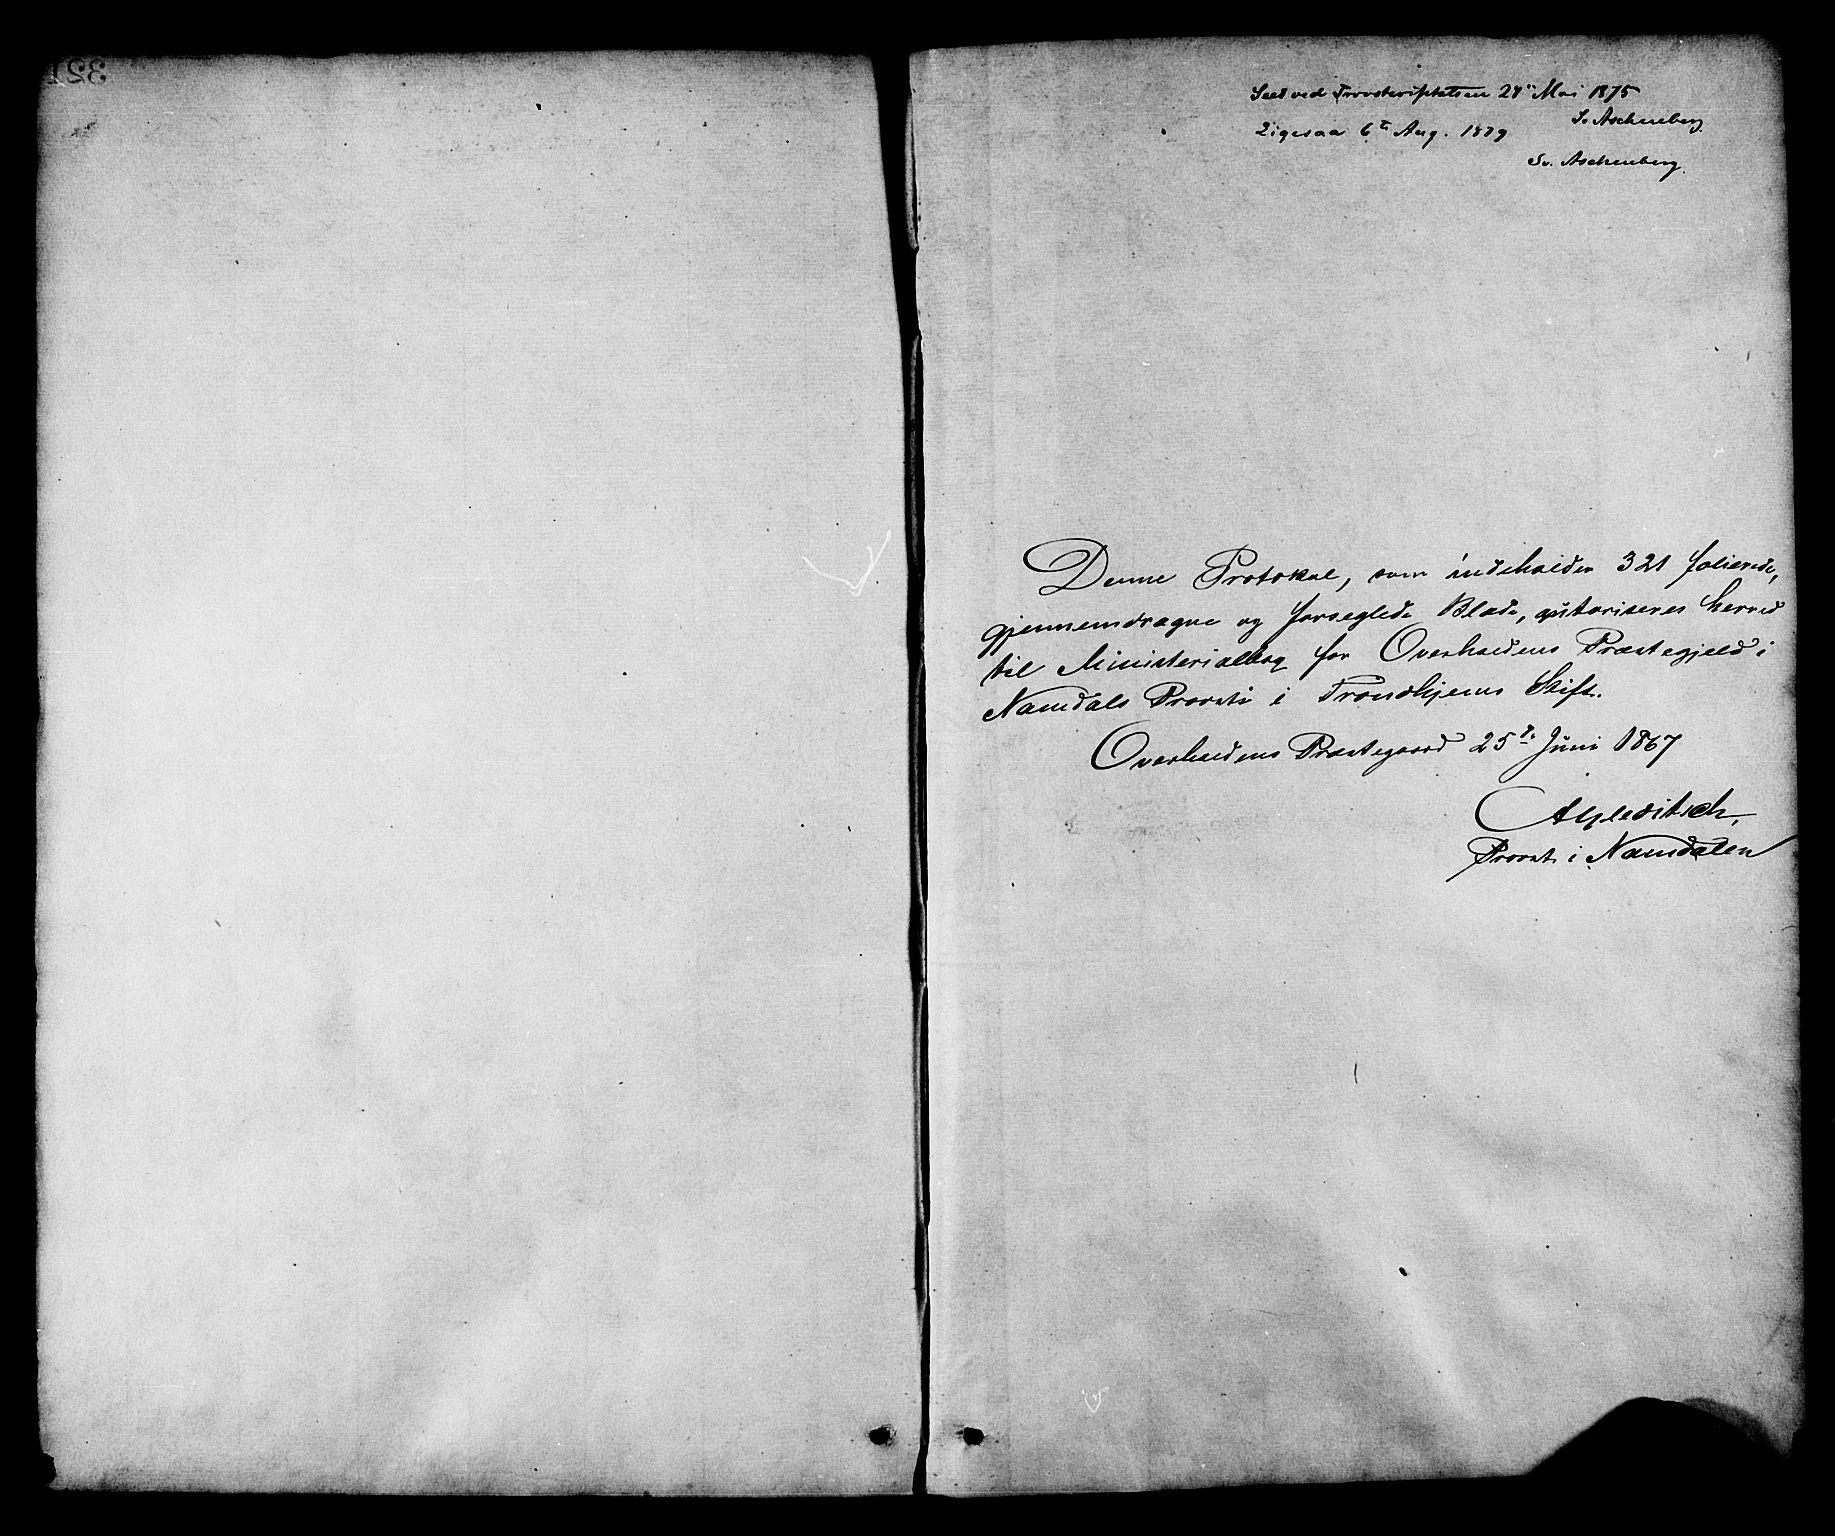 SAT, Ministerialprotokoller, klokkerbøker og fødselsregistre - Nord-Trøndelag, 764/L0554: Ministerialbok nr. 764A09, 1867-1880